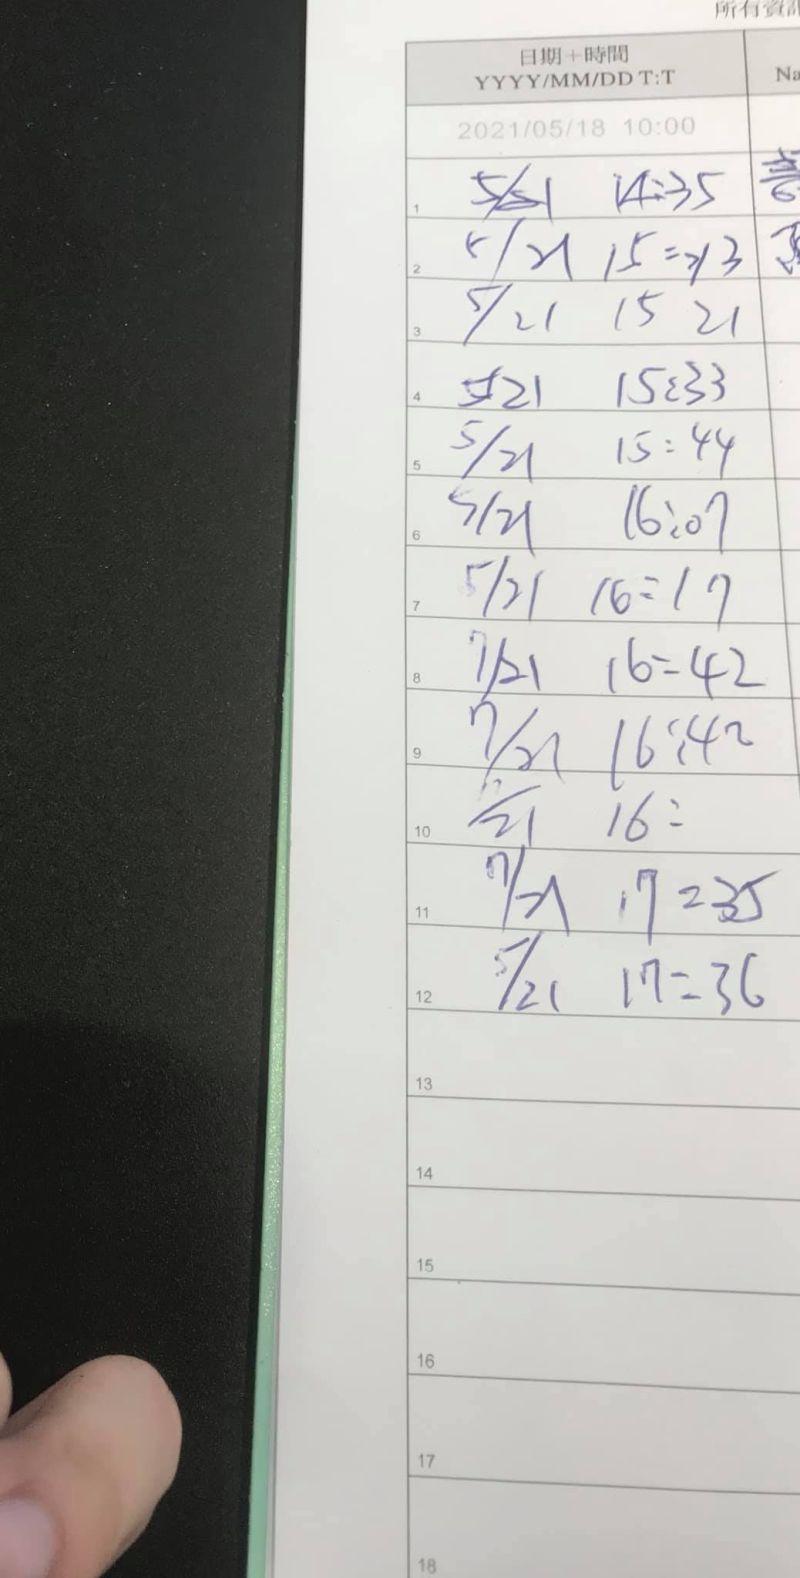 ▲網友分享實聯制手寫資料時,有民眾誤寫7/21,結果後面全部跟著歪樓,引發討論。(圖/路上觀察學院)